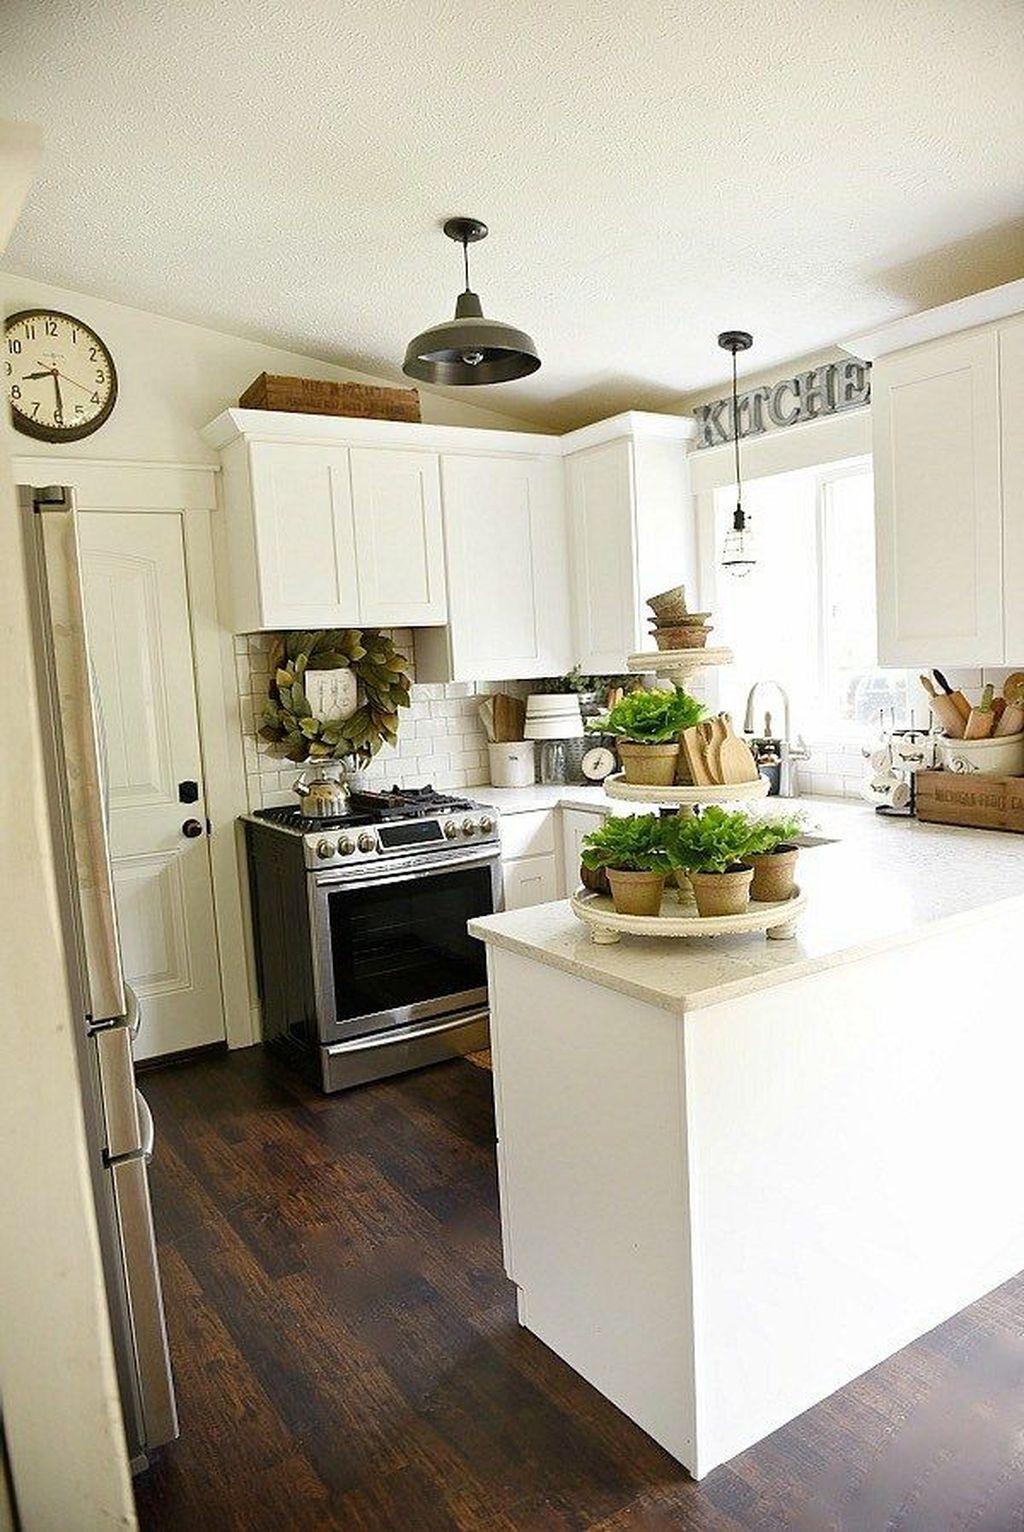 Ausgezeichnet Low Budget Küchenarbeitsplatte Ideen Bilder - Ideen ...